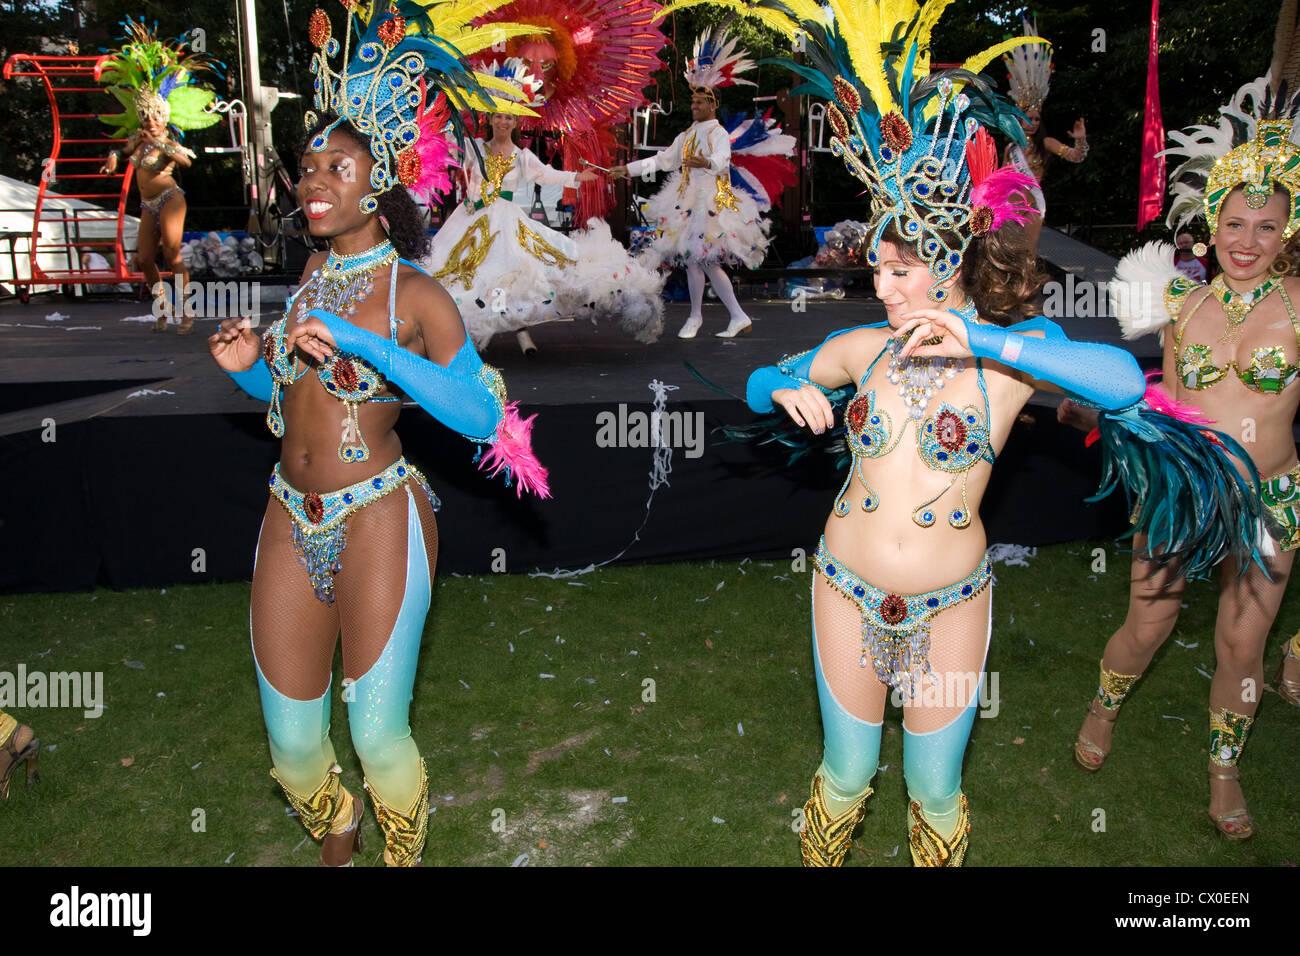 Thames Festival 2012 London - Stock Image